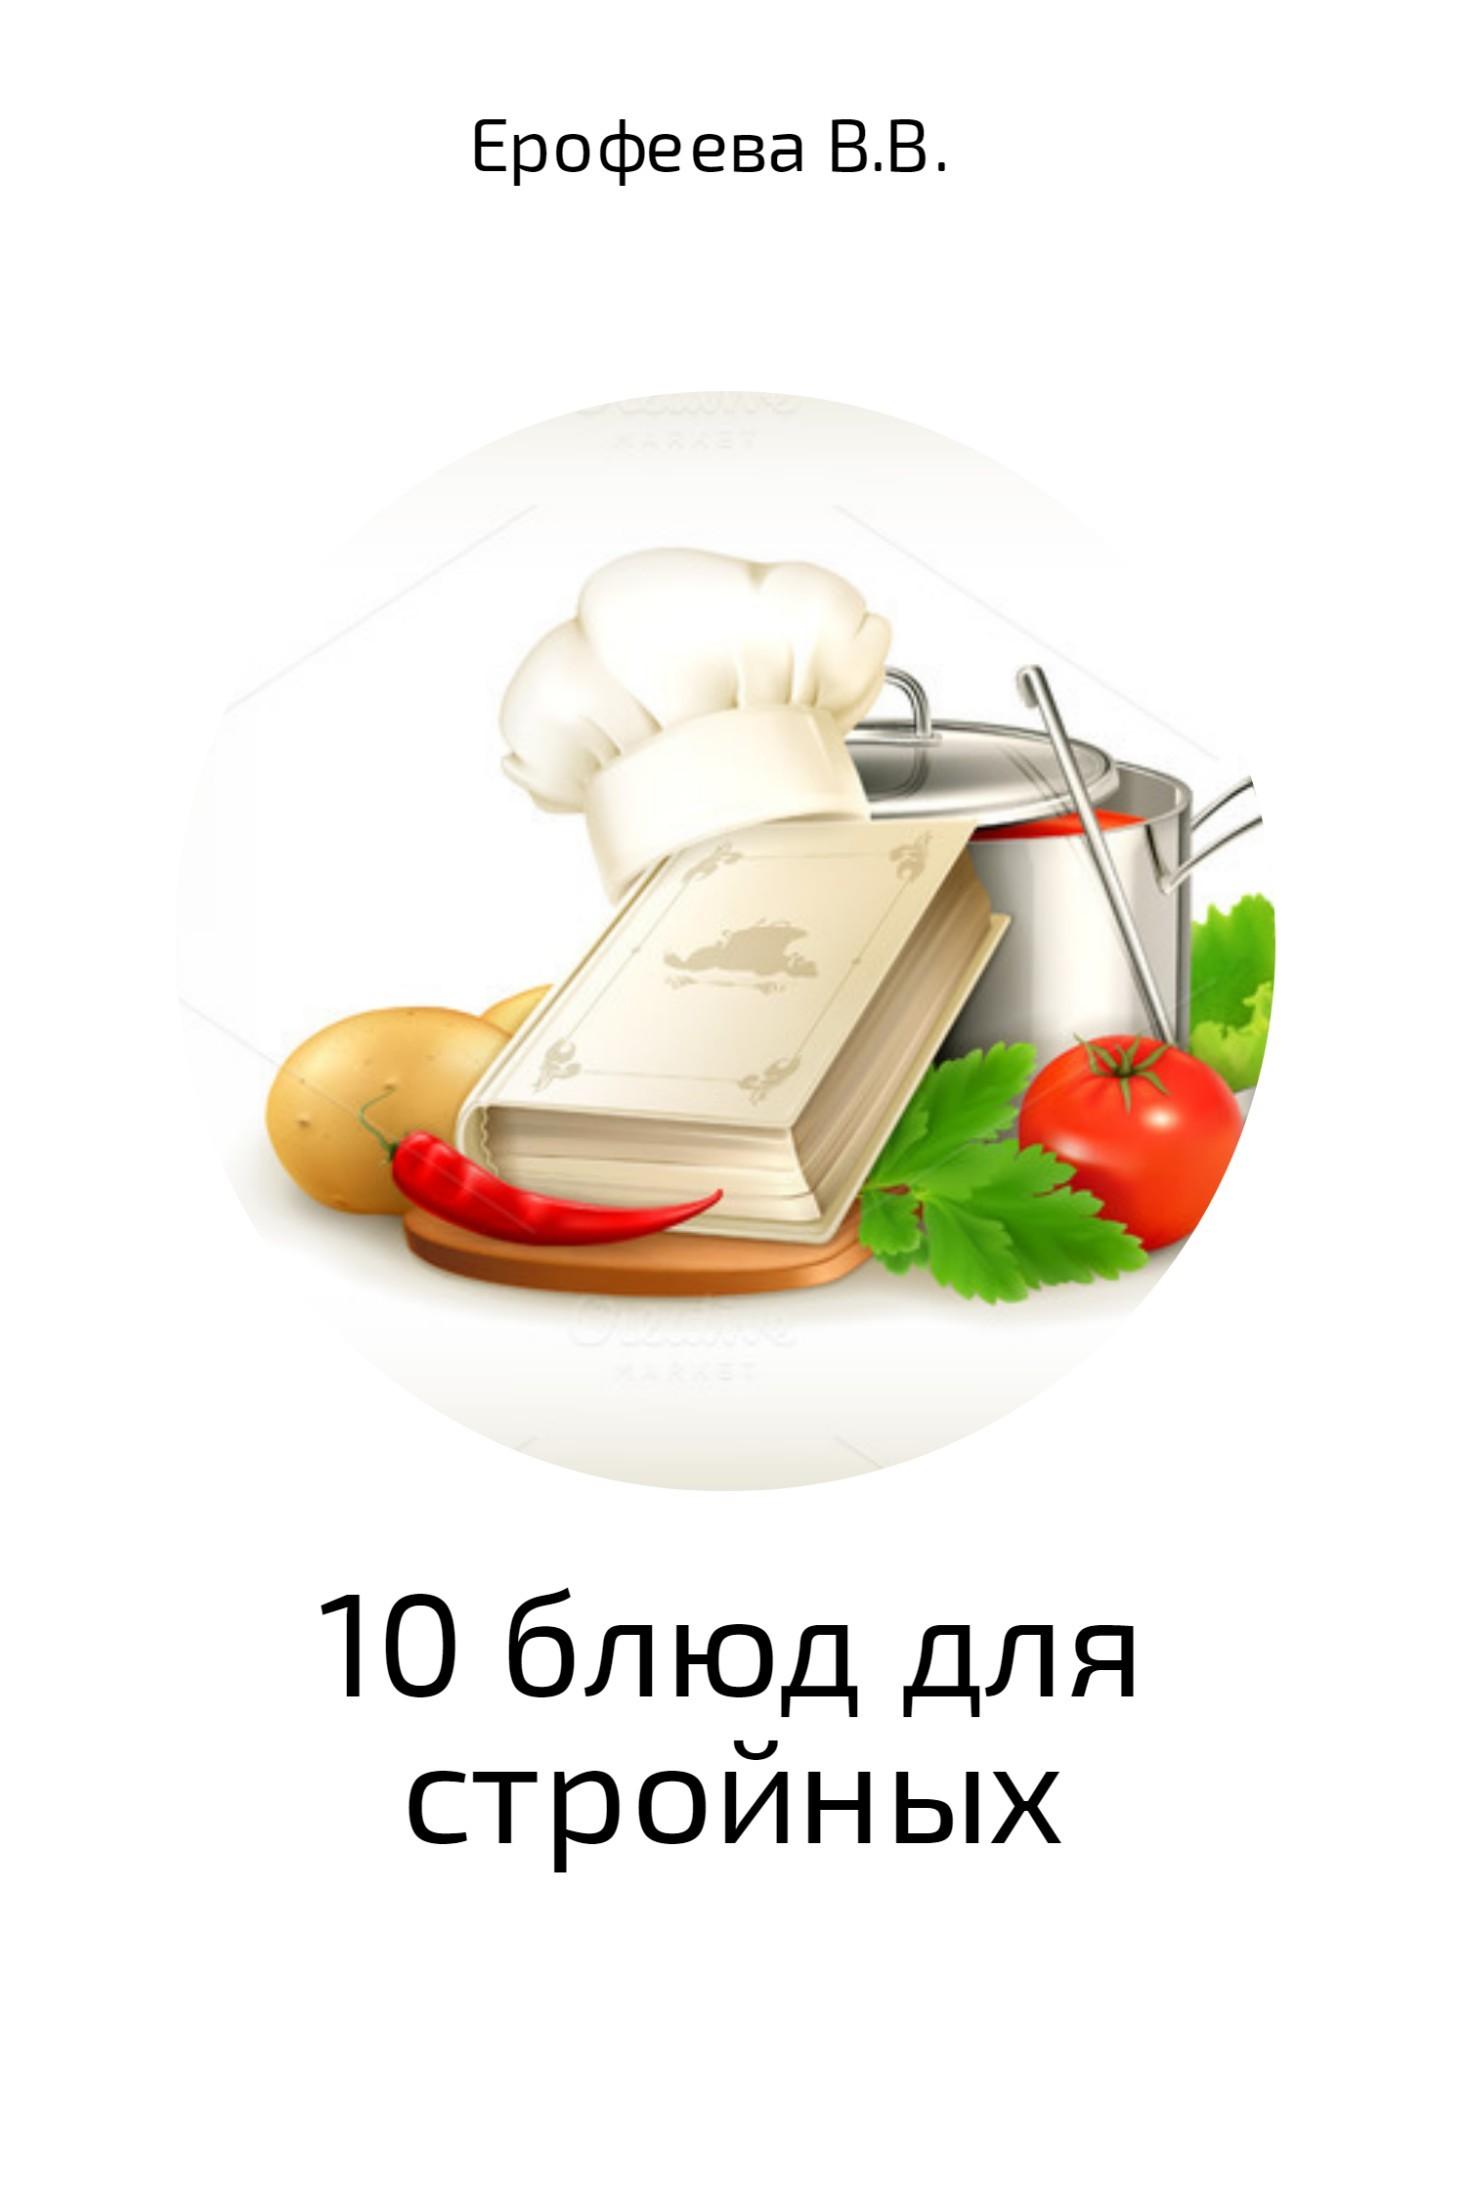 10 блюд для стройных